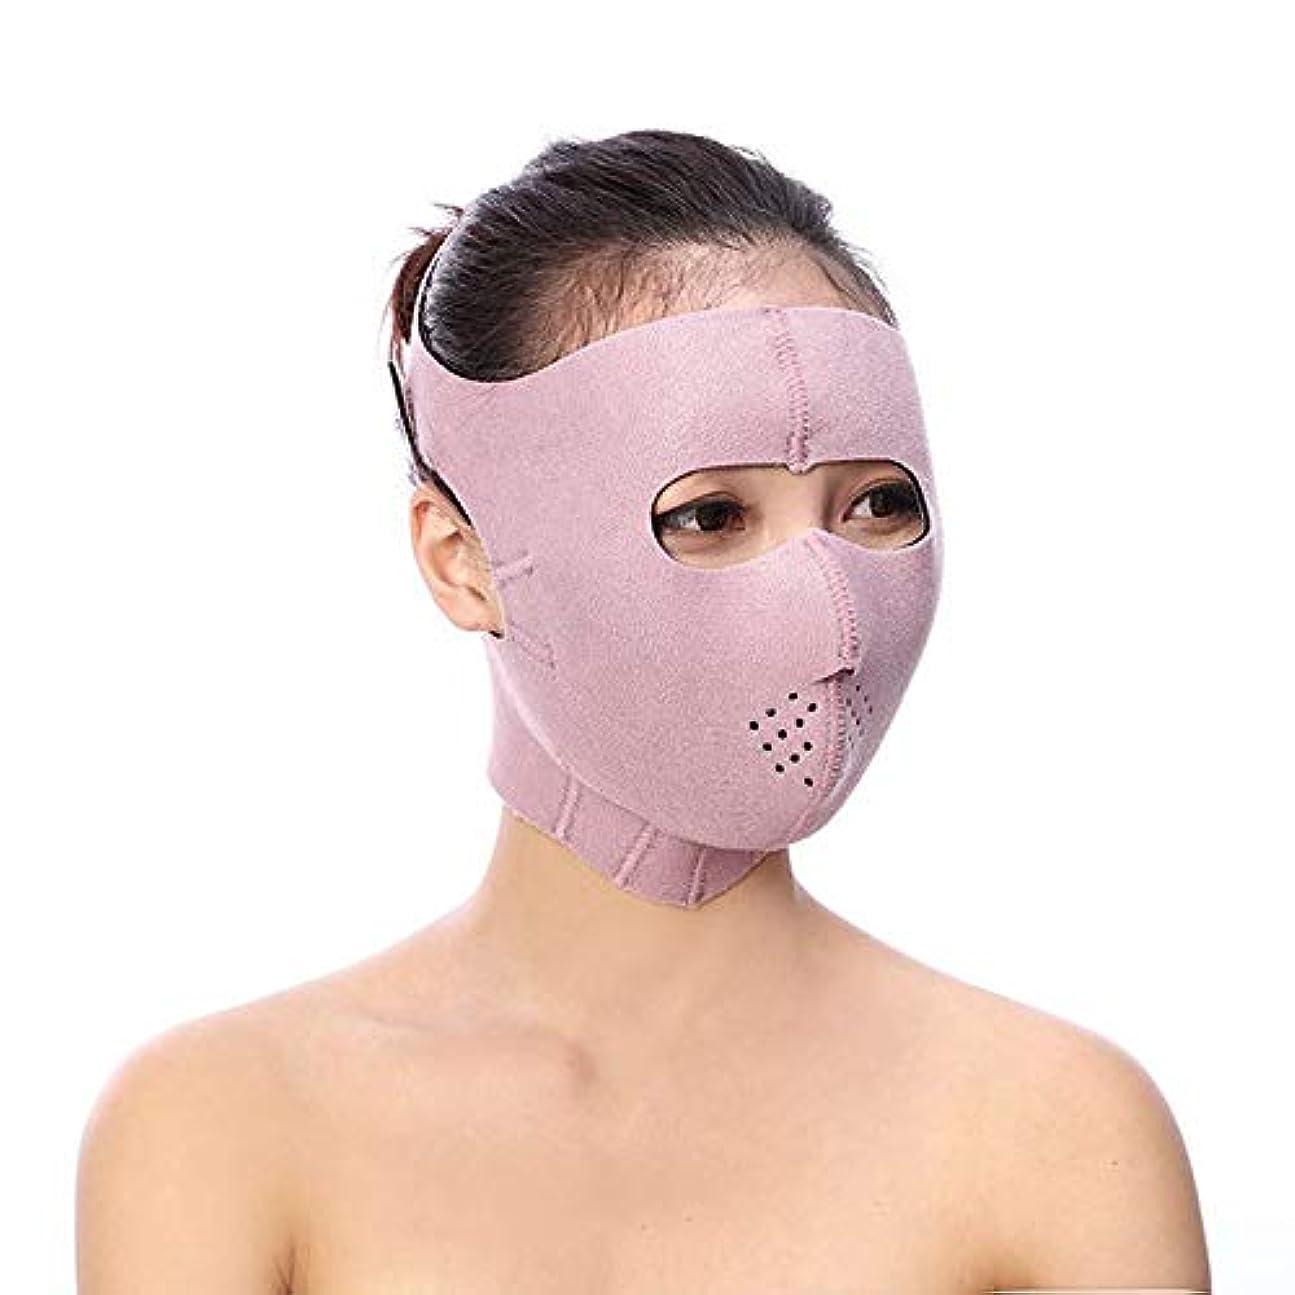 信じられない魔術治安判事BS フェイシャルリフティング痩身ベルト - Vフェイス包帯マスクフェイシャルマッサージャー無料の薄いフェイス包帯整形マスクを引き締める顔と首の顔スリム フェイスリフティングアーティファクト